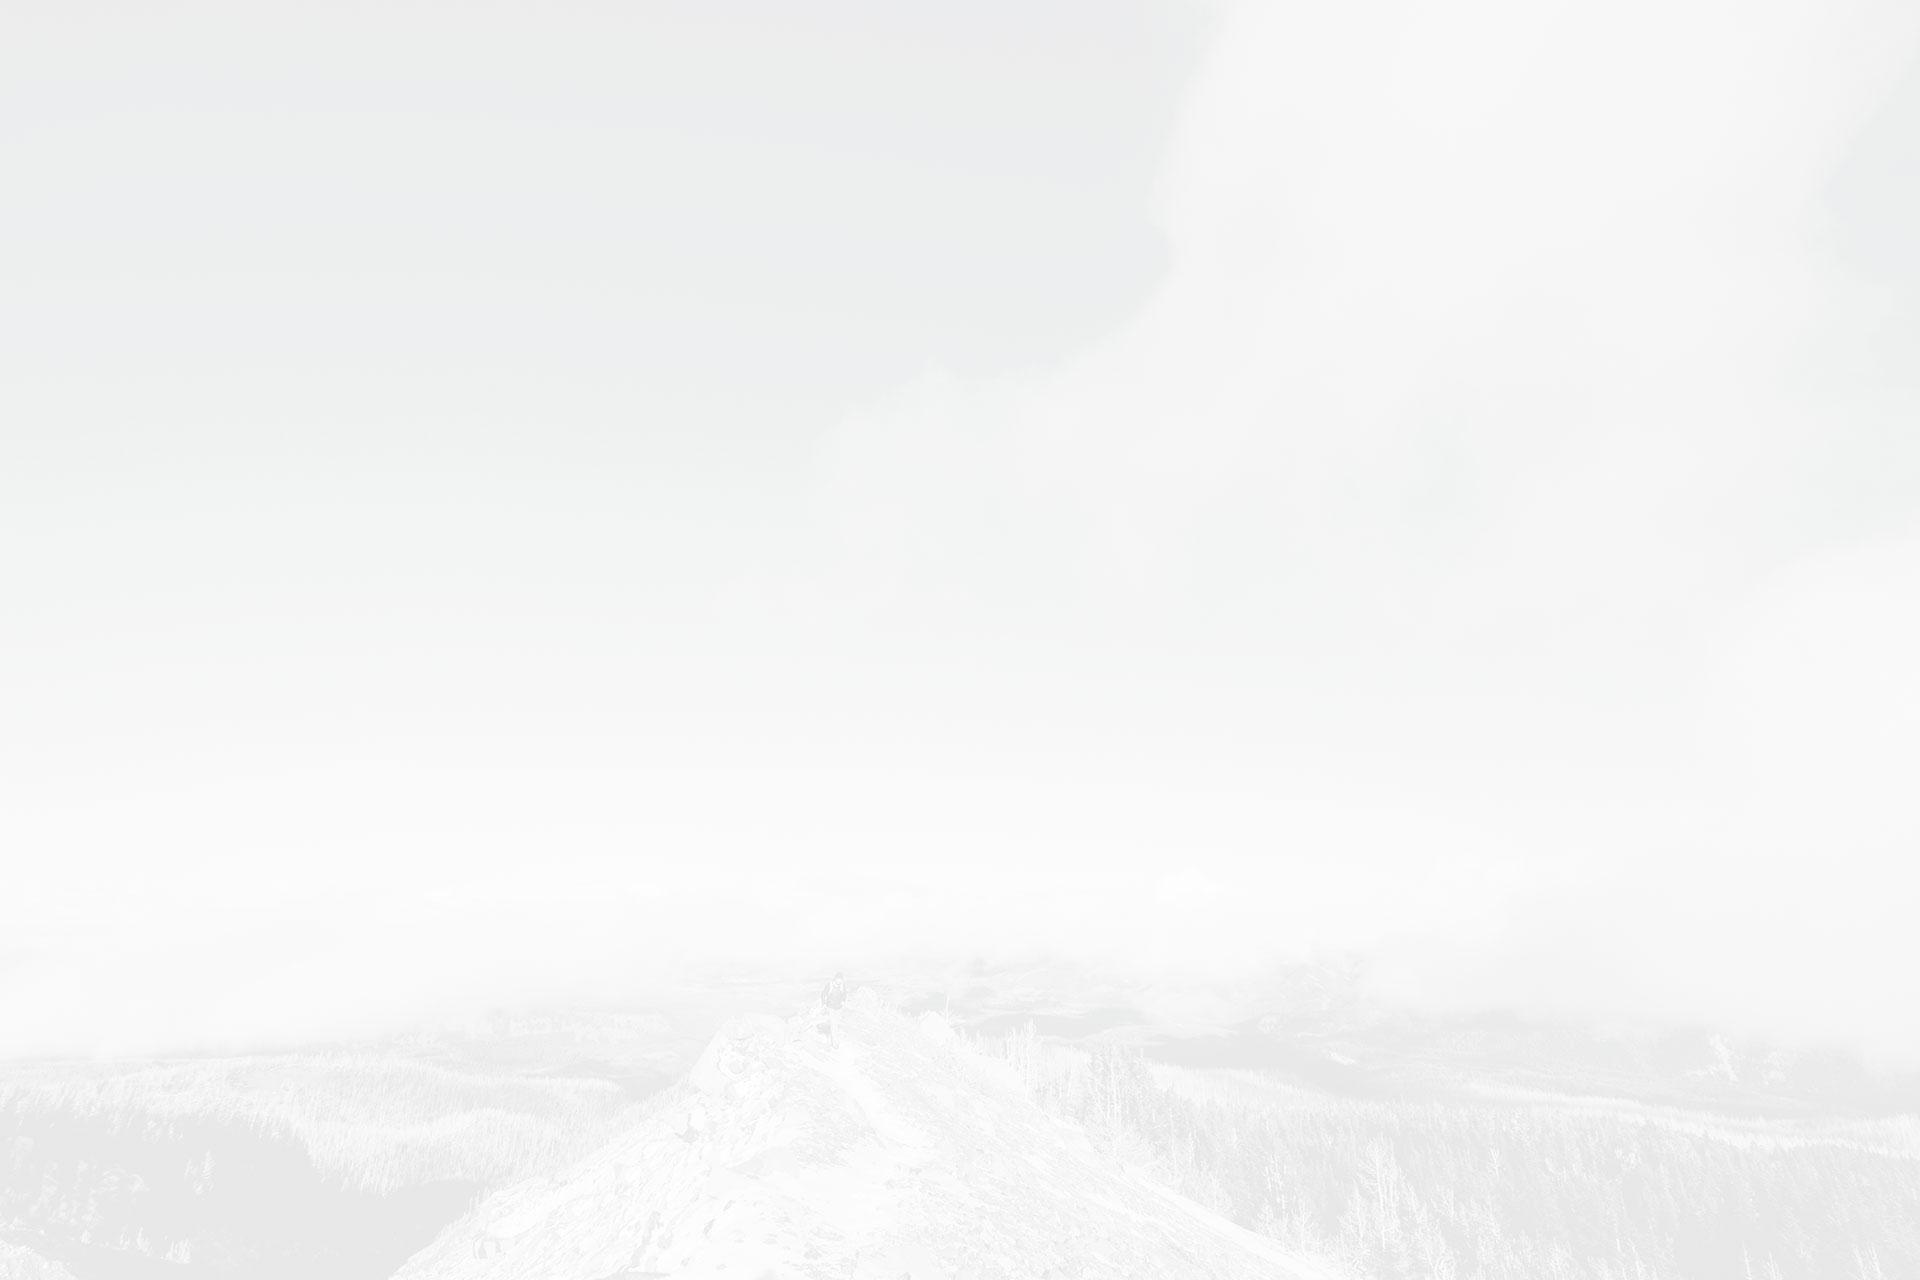 Fond d'écran